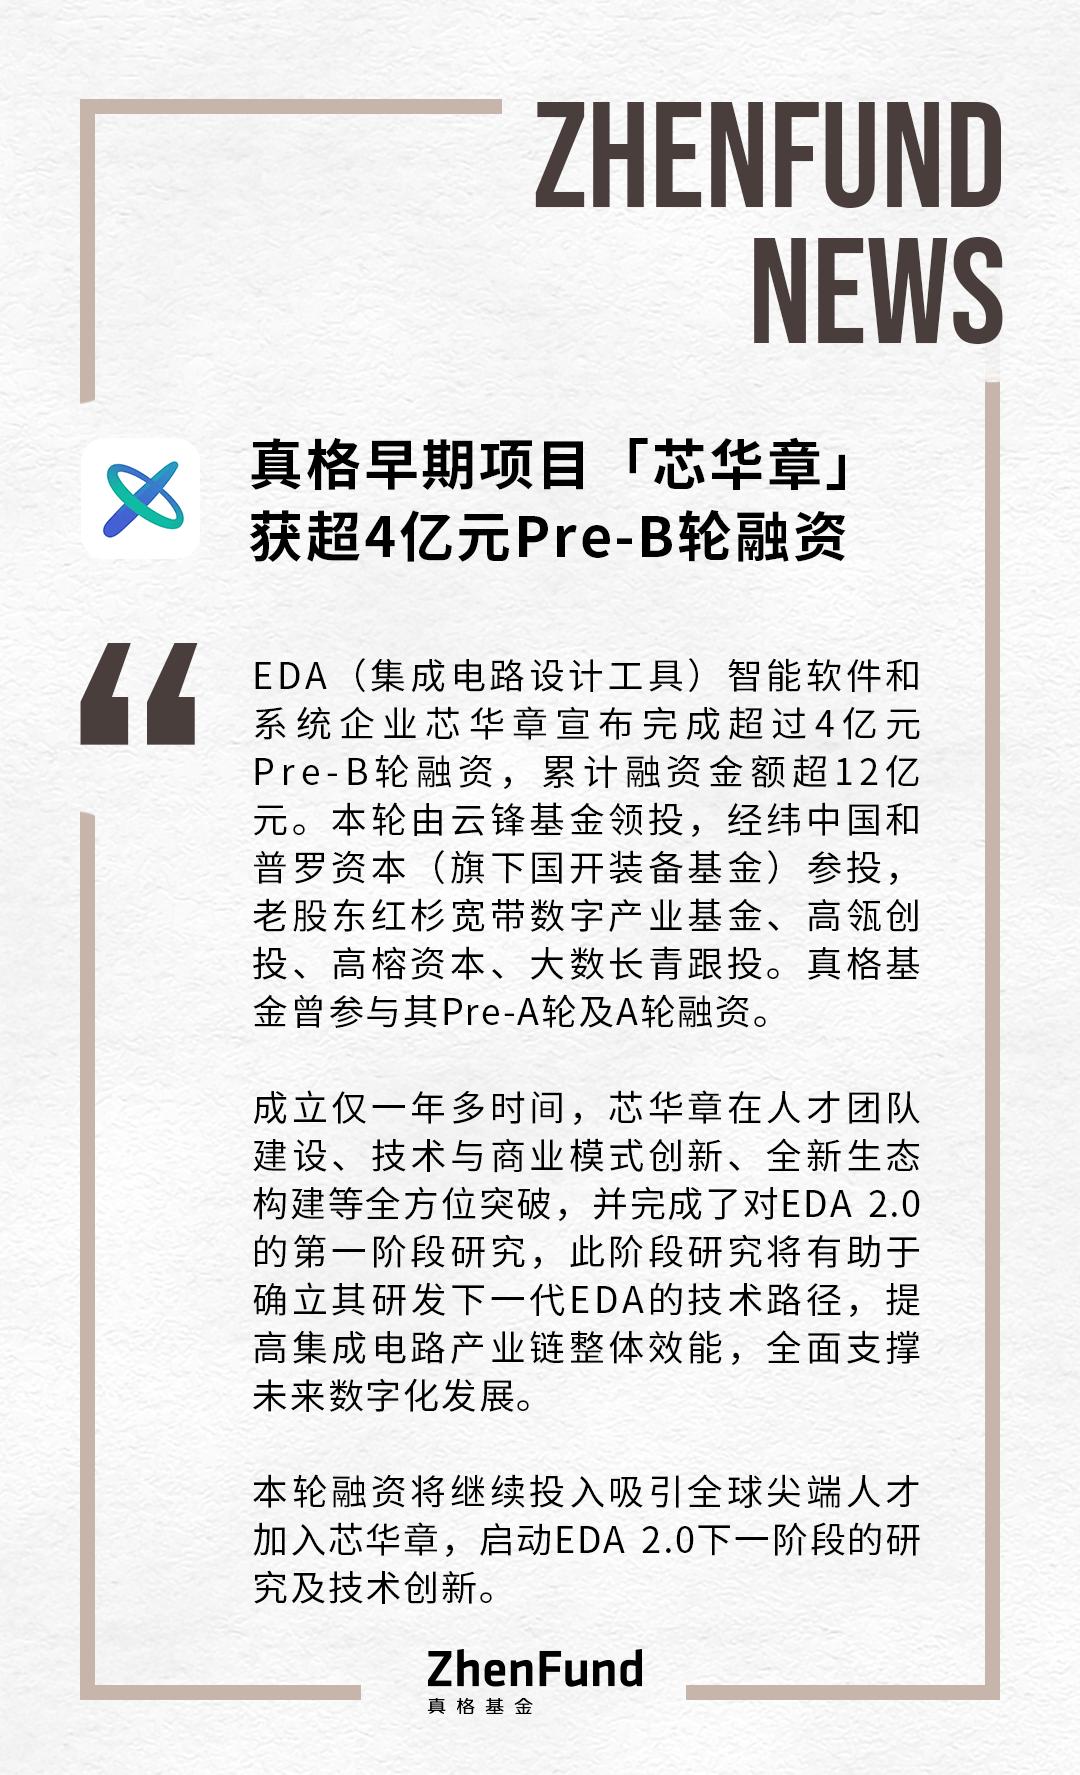 真格早期项目「芯华章」获超4亿元Pre-B轮融资